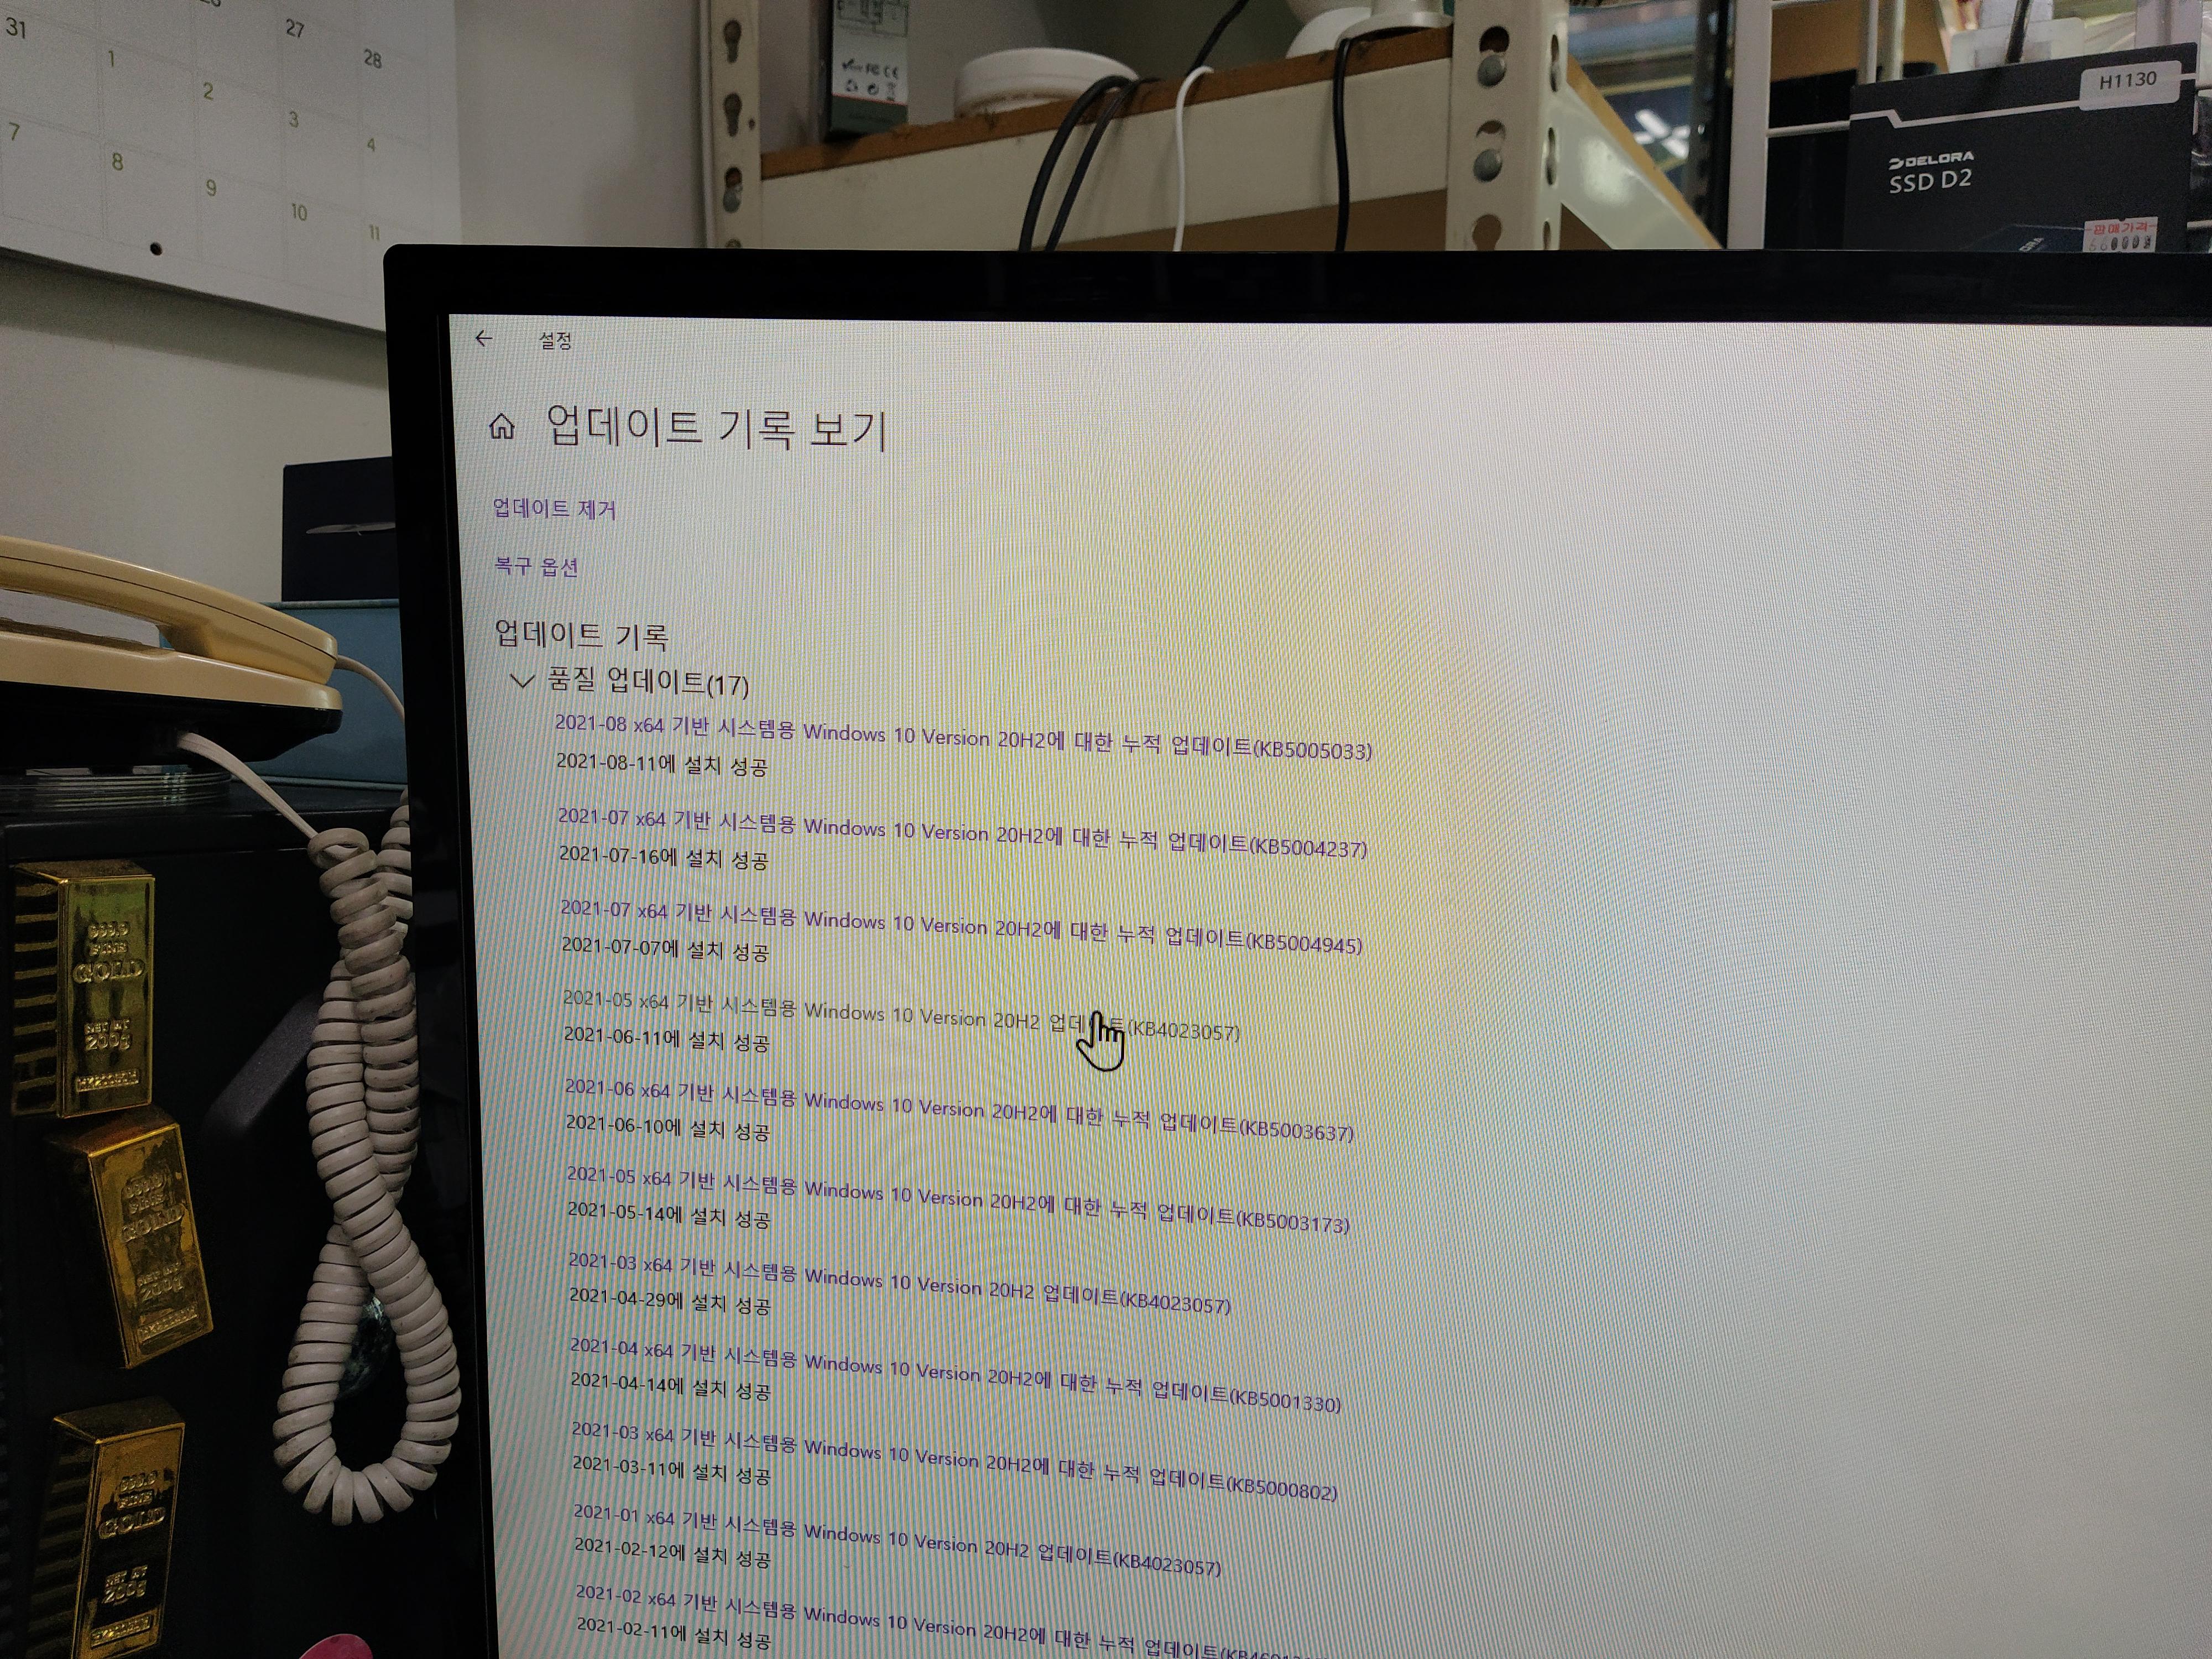 제 메인컴퓨터는 윈도우 업데이트가 정상적으로 설치됐다고 뜨네요. (자동업데이트 진행 중)